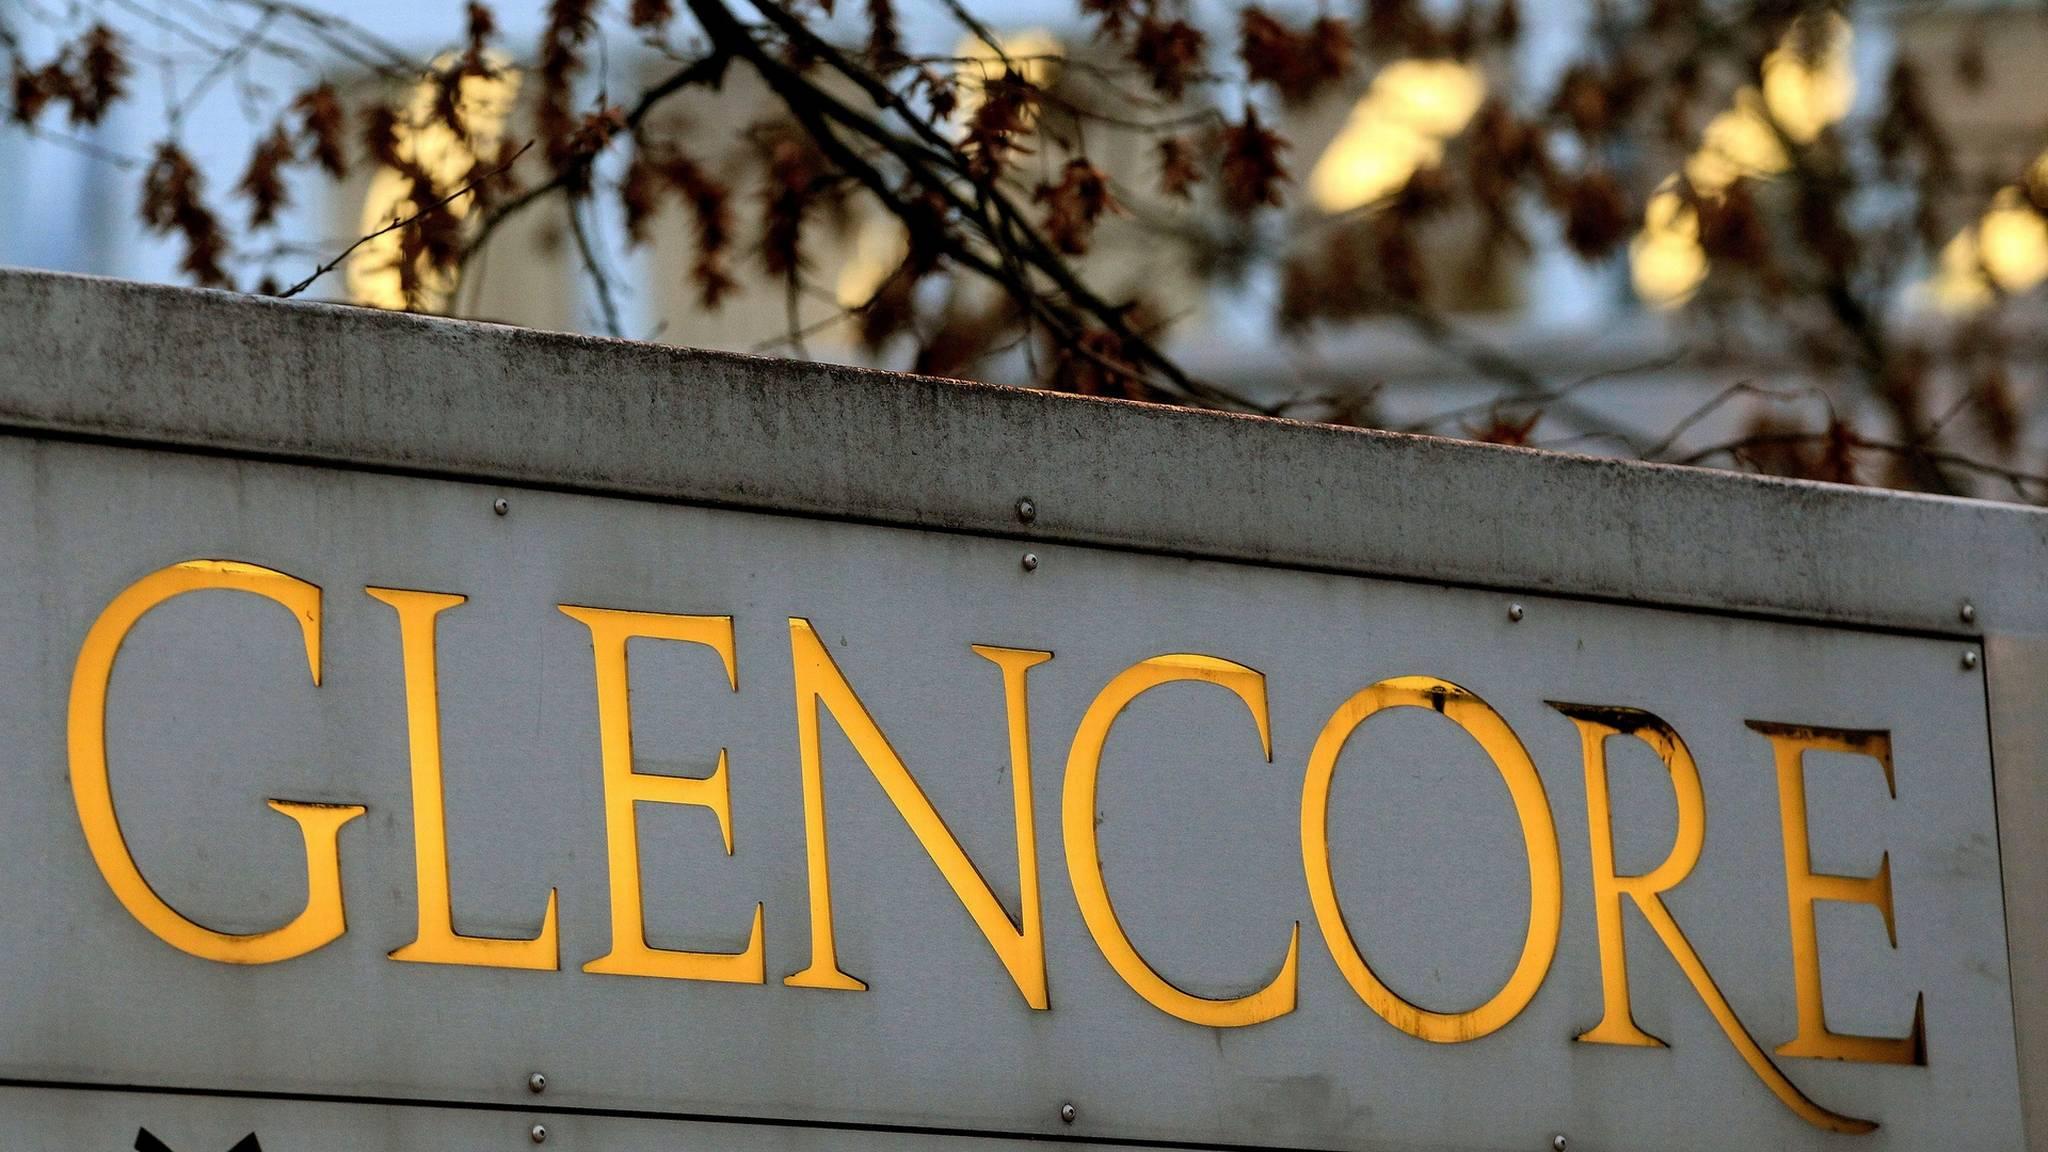 جلينكور تسجل خسارة بقيمة 2.6 مليار دولار النصف الأول من العام